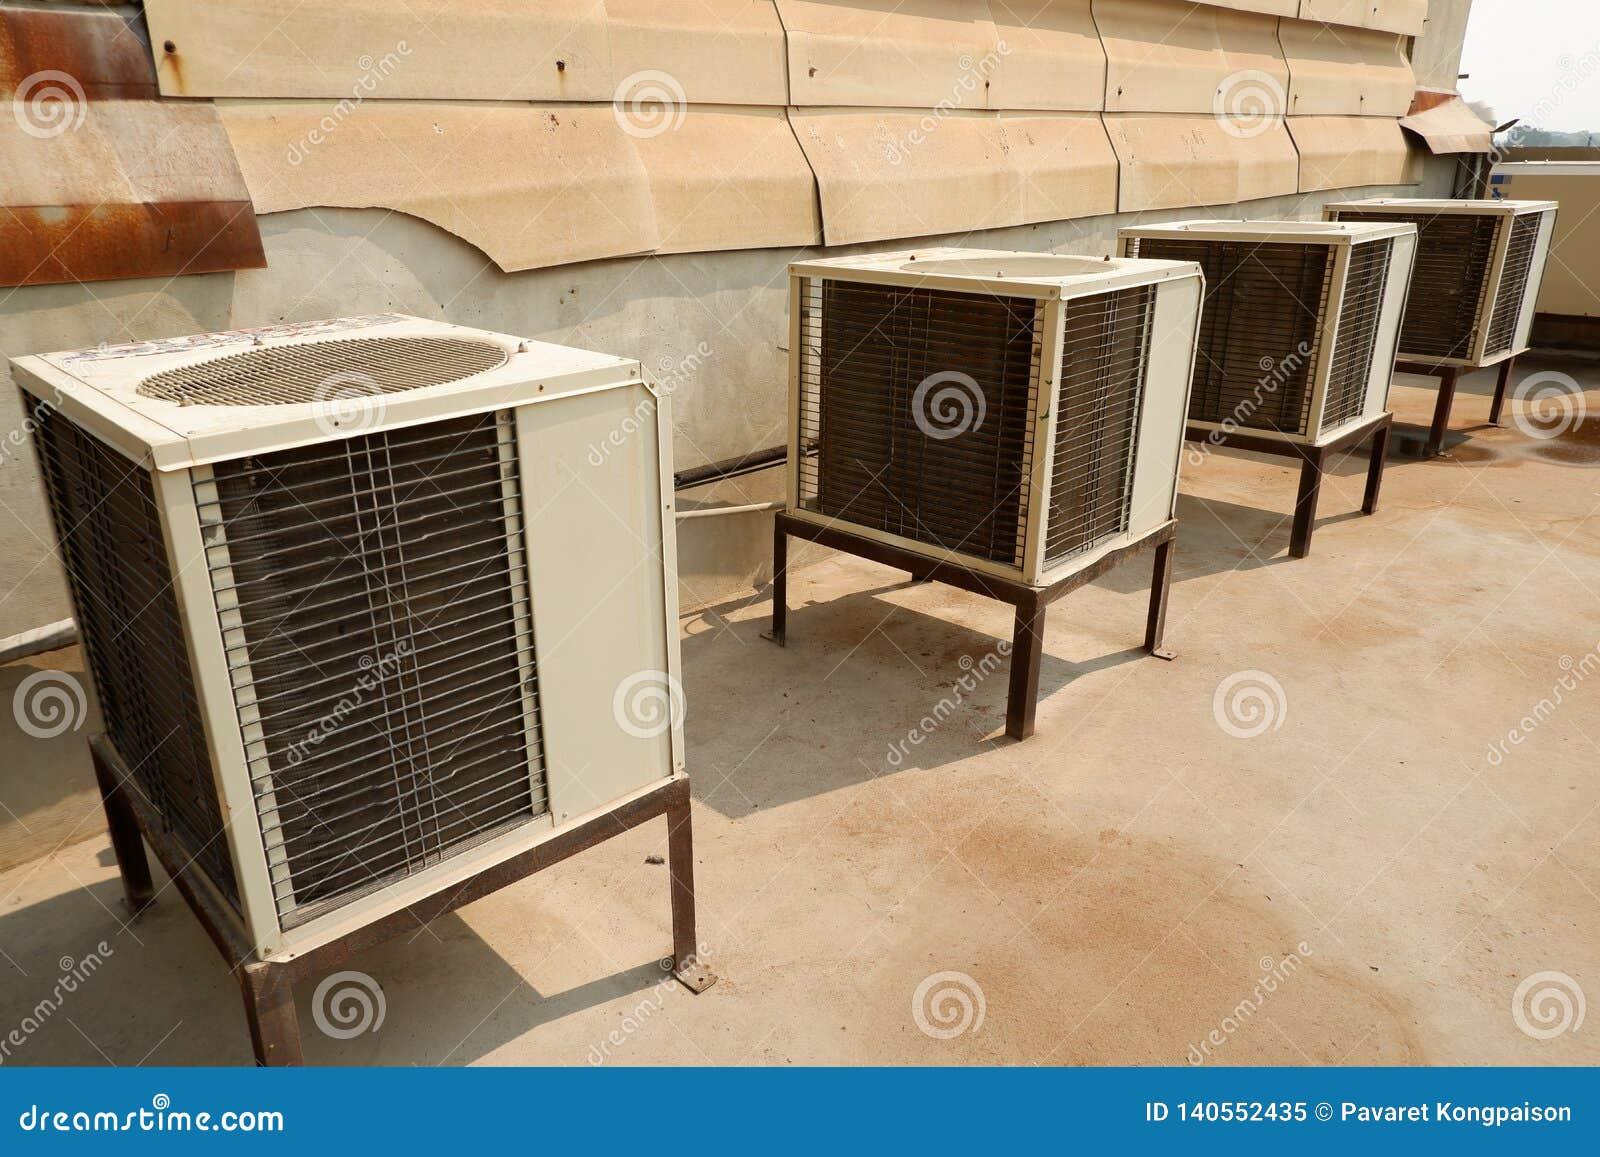 Unità di condizionamento d aria bianche del compressore del condizionamento d aria vecchie e sporche